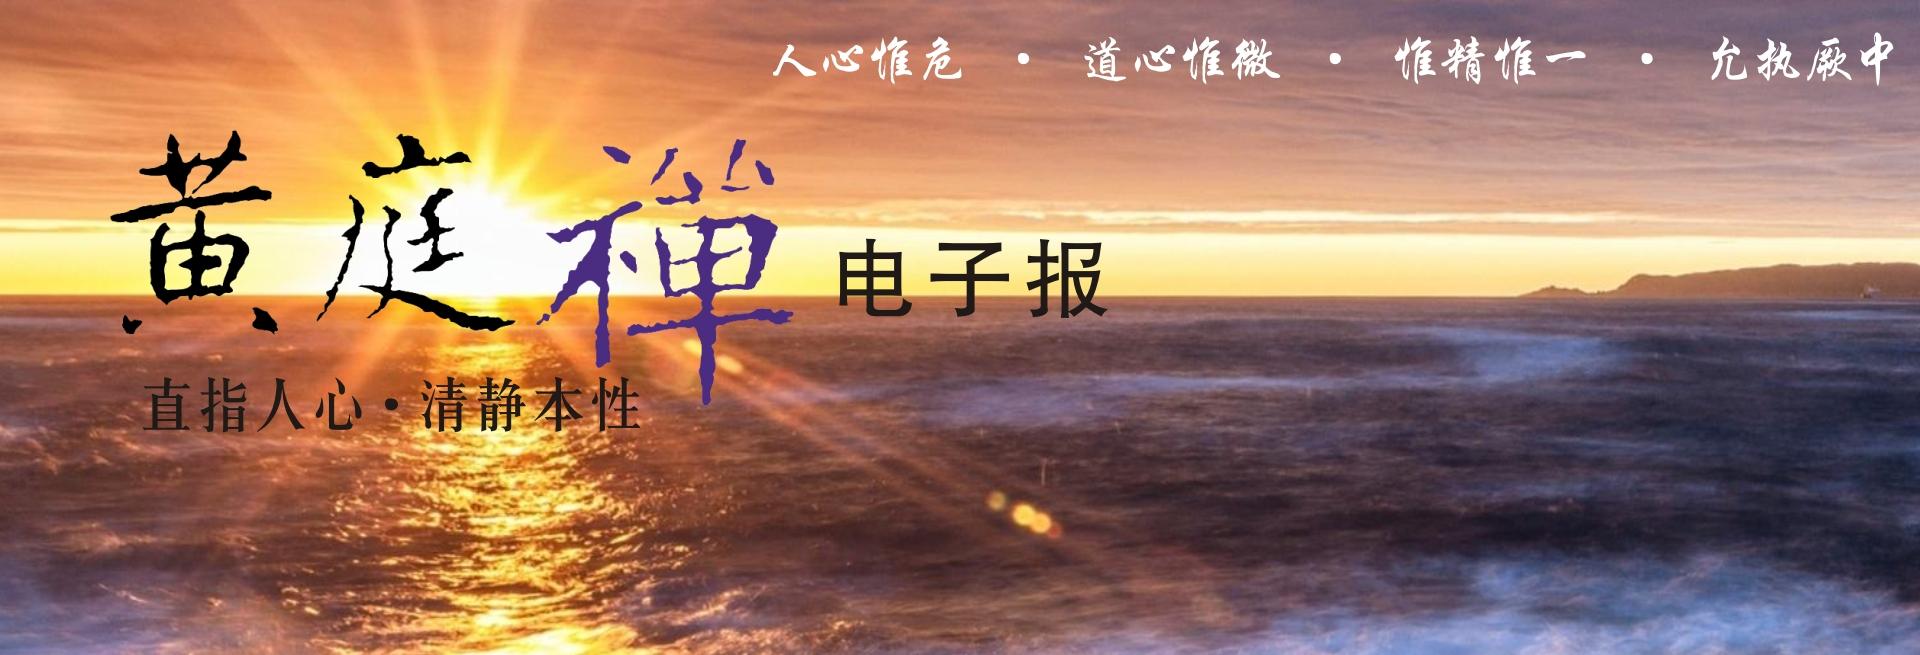 中华黄庭禅学会2020.11.01电子报